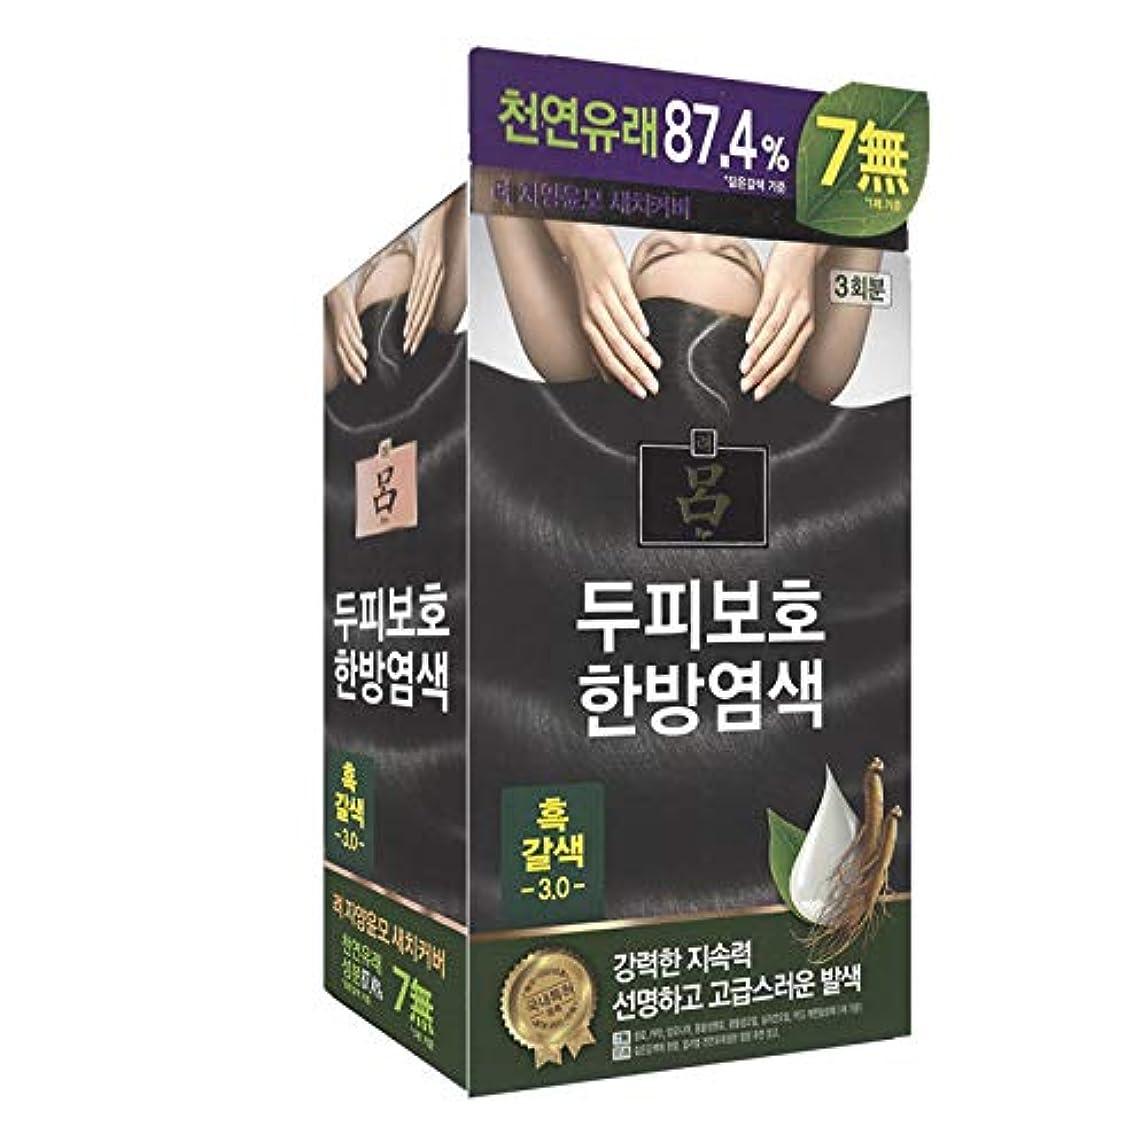 フェードダルセットもろいアモーレパシフィック呂[AMOREPACIFIC/Ryo] Jayang Yunmoグレーヘアカバー 3.0 黒褐色(Blackish Brown)